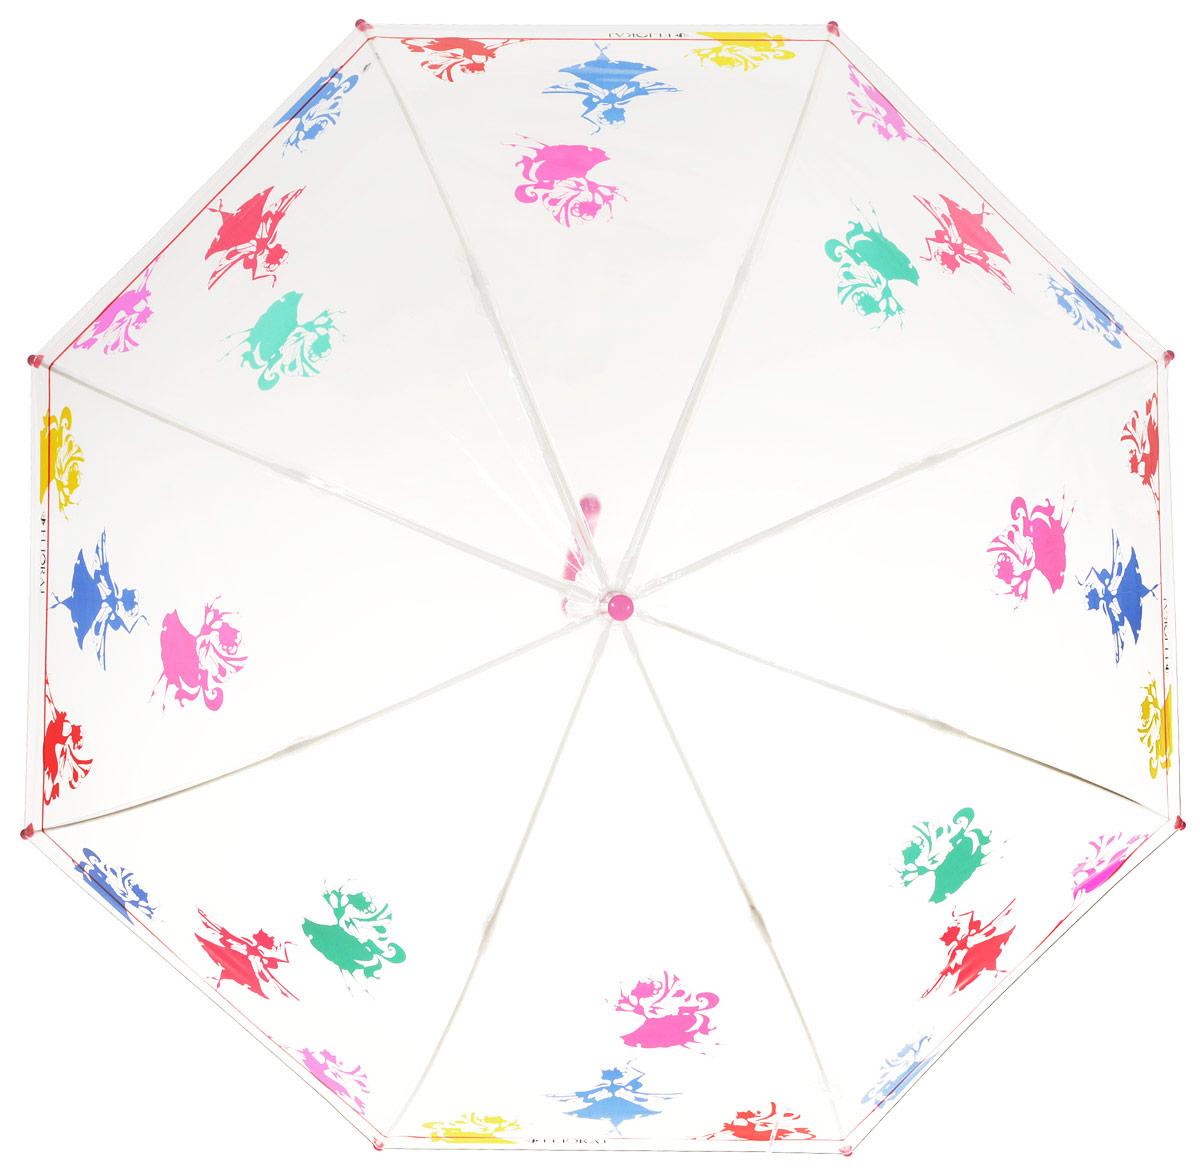 Зонт-трость детский Flioraj, механика, цвет: прозрачный, мультиколор. 051204051204 FJСтильный белый зонт с яркими красными акцентами на каркасе идеально подойдет под модный наряд принцессы. Маленькие феи будто случайно спустились на зонт и теперь кружатся в радужном танце. Прозрачный детский зонтик Flioraj предназначен для детей младшего и среднего школьного возраста. Для удобства предусмотрена безопасная технология открывания и закрывания зонта. Спицы зонта изготовлены из долговечного, но при этом легкого фибергласса, что делает его ветроустойчивым и прочным. Купол зонта выполнен из высокотехнологичного инновационного материала нового поколения ПОЭ, который не имеет посторонних запахов и не требует дополнительных обработок тальком. Зонт прозрачный, а значит, ребенок сможет контролировать обстановку вокруг себя и избегать возникновения опасных ситуаций.